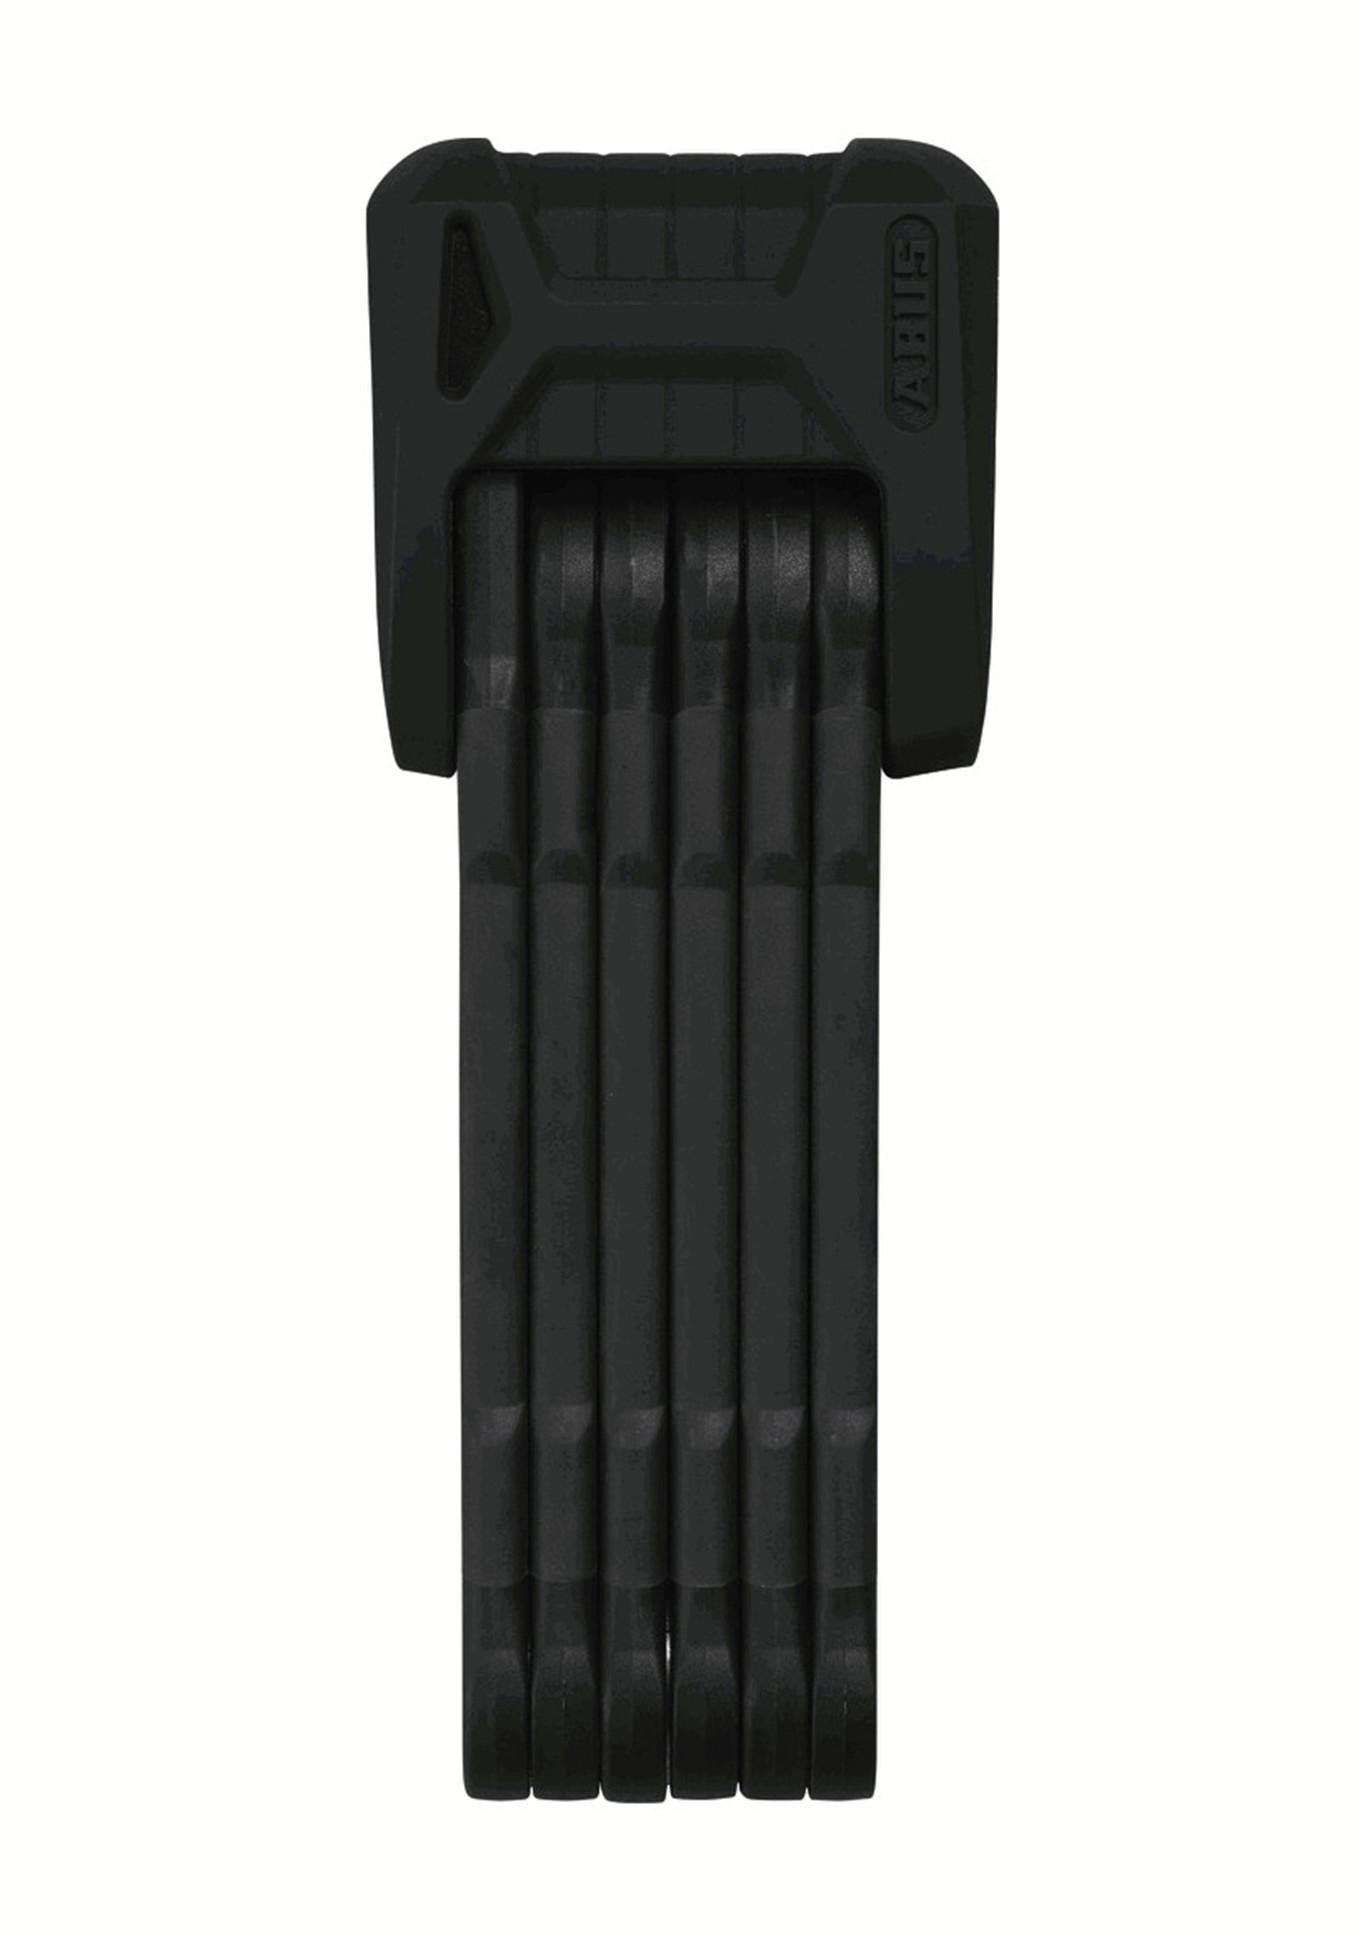 Abus Zapięcie Bordo Granit X-Plus 6500 czarny / Rozmiar: 85 cm / Wersja zestawu: 2 klucze